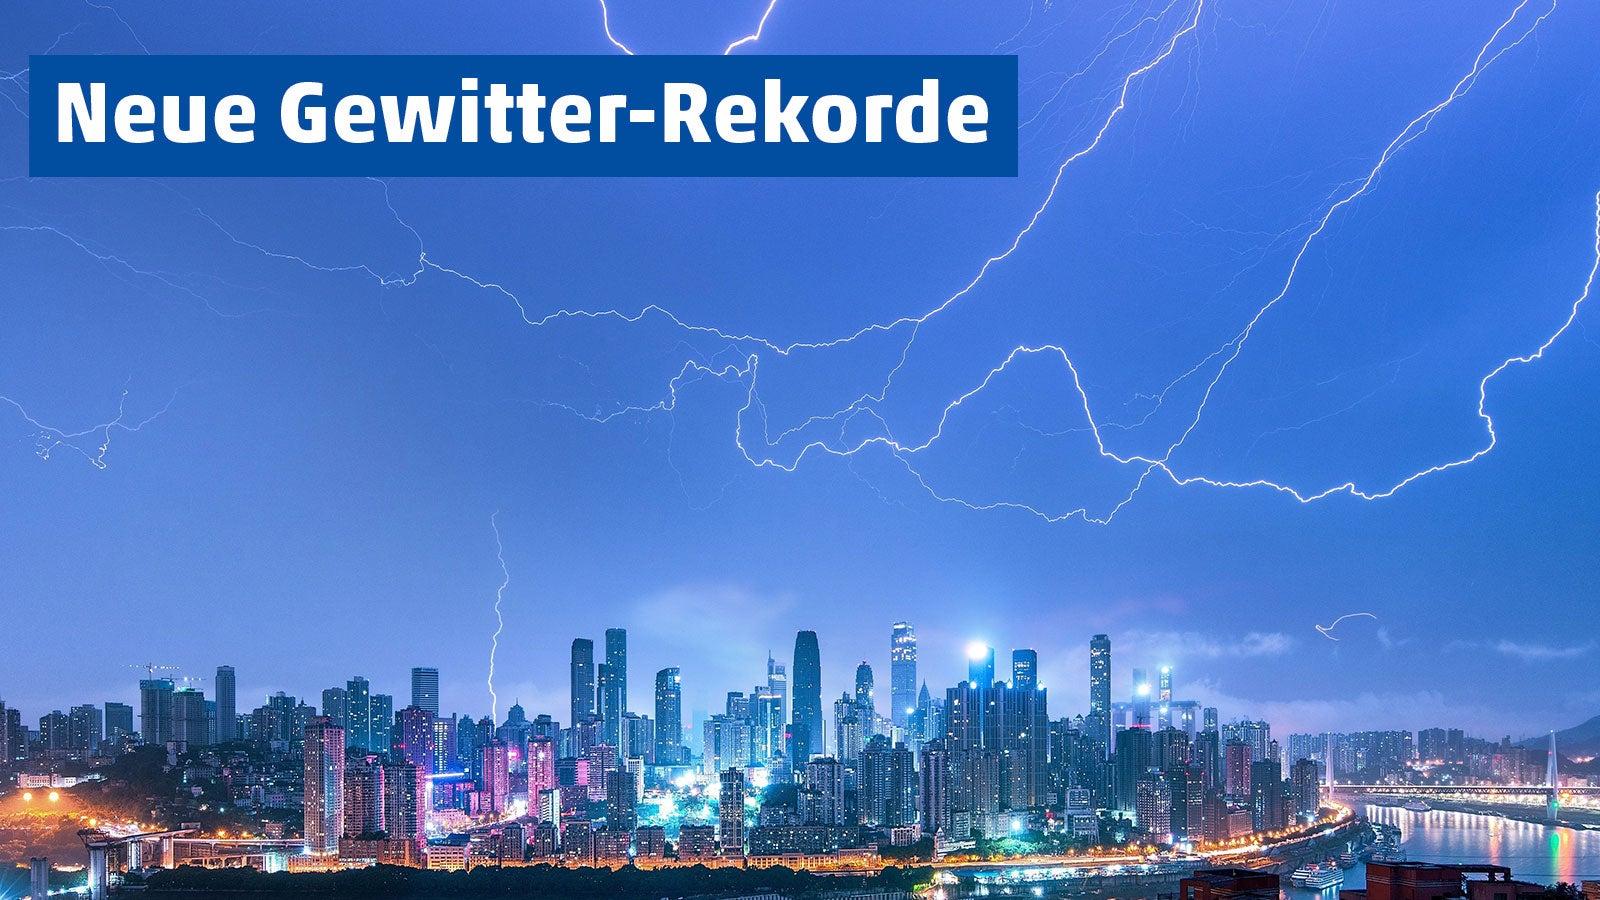 Rekord für längsten Blitz liegt jetzt bei über 700 Kilometern